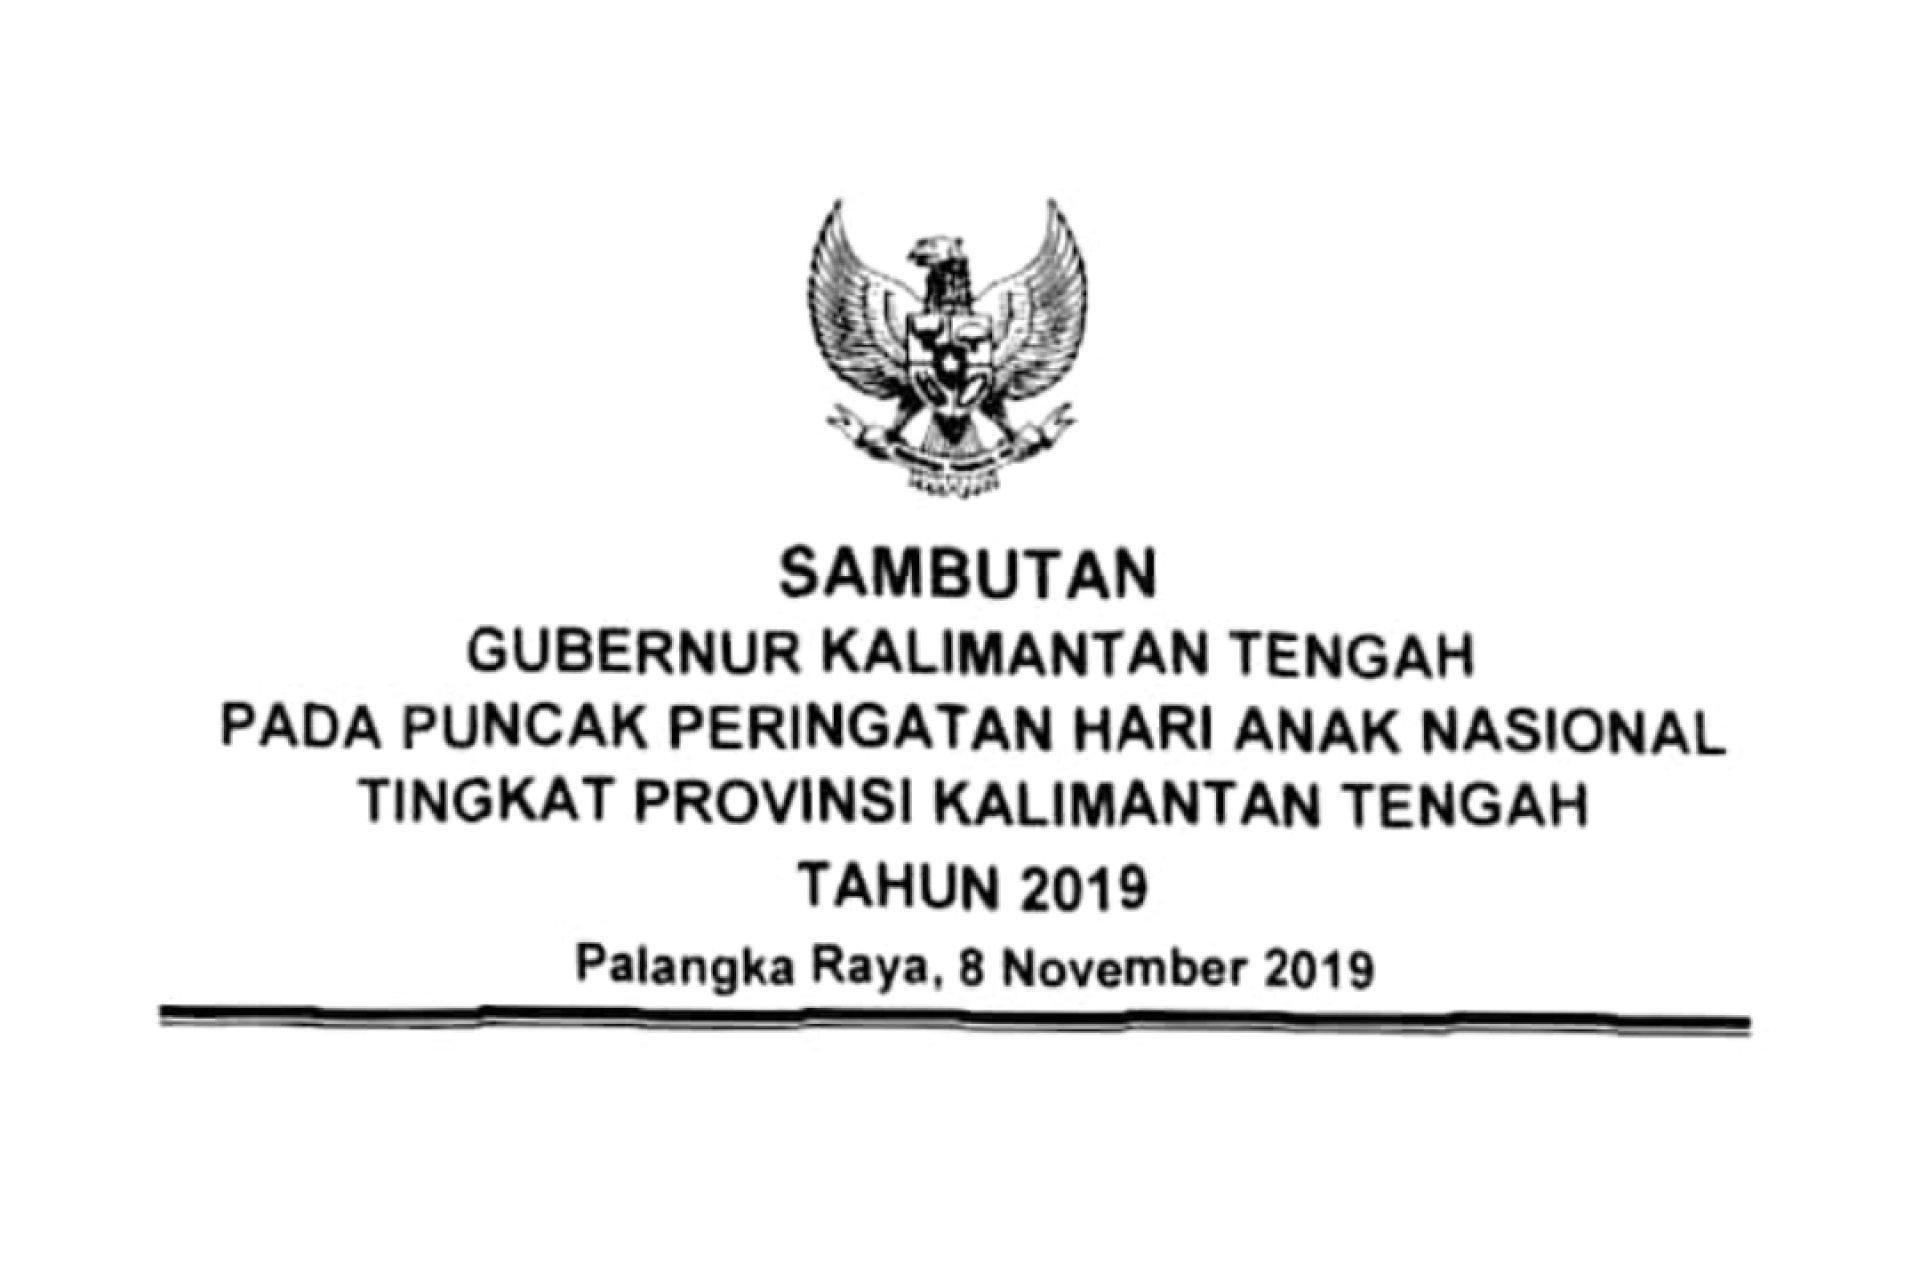 Setda Prov Kalteng   Sambutan Gubernur Kalimantan Tengah pada ...